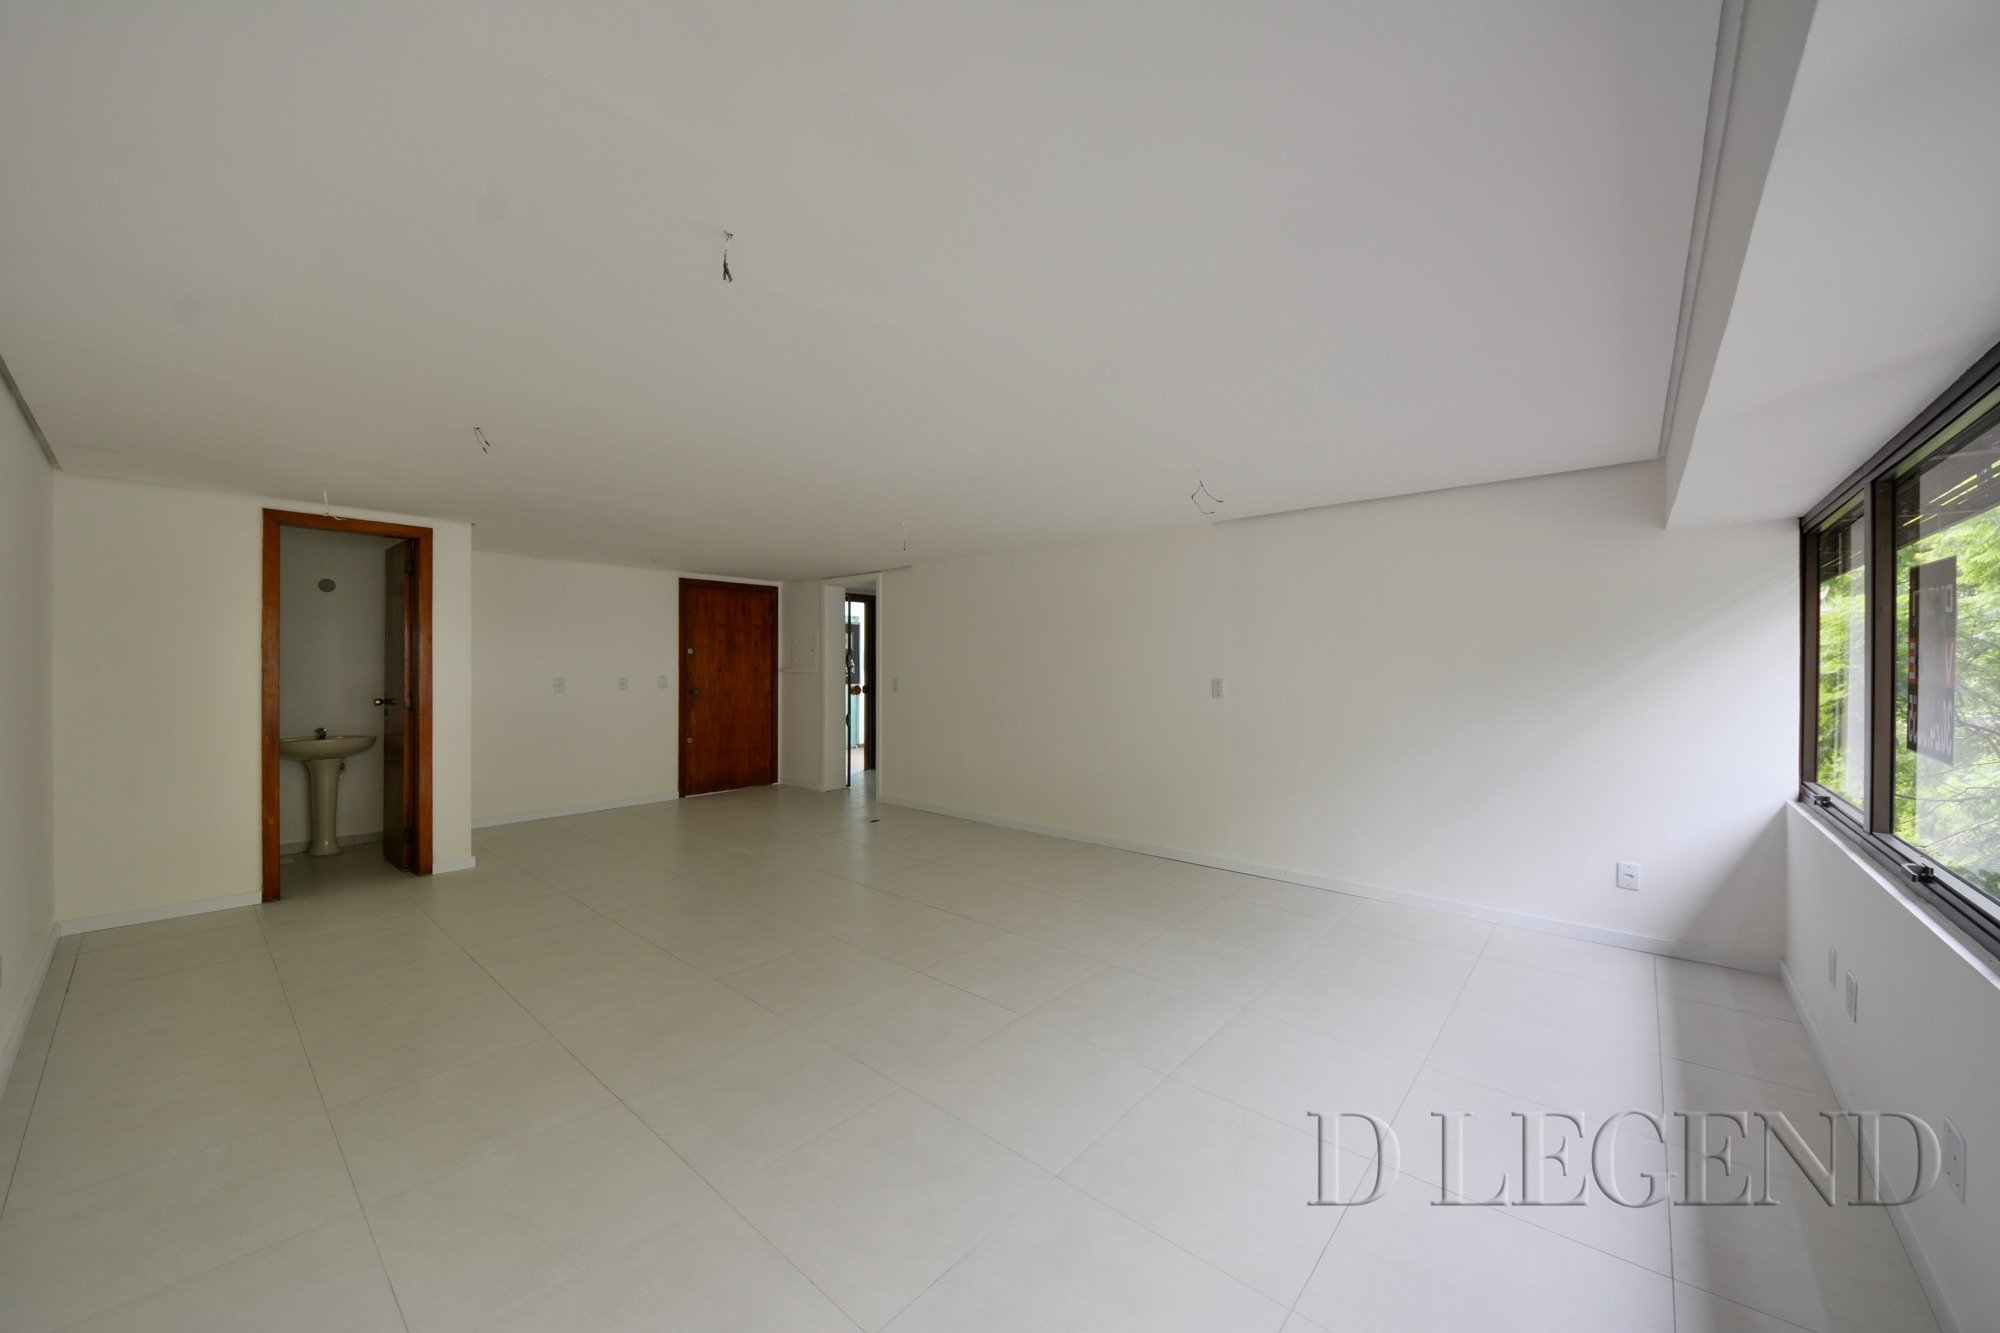 - Rua Doutor Timoteo, 917 - Moinhos de Vento - Porto Alegre